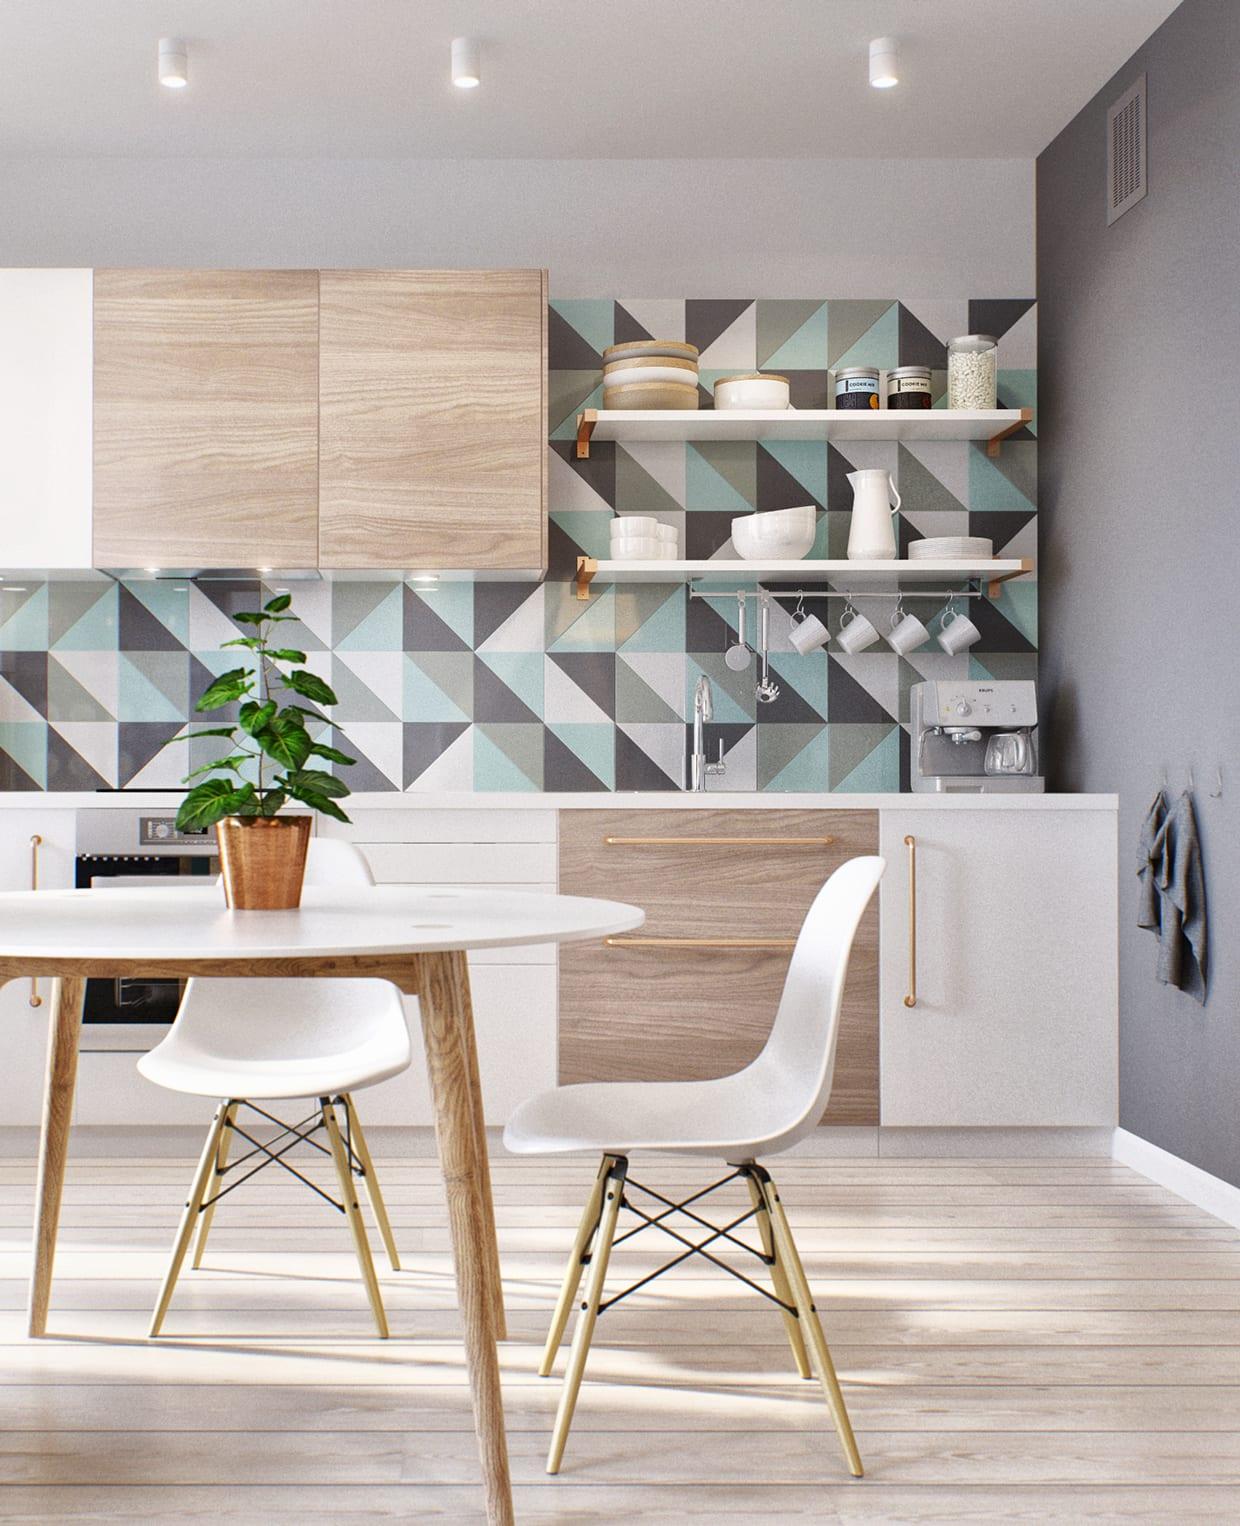 einrichtungstipps und beispil für moderne küche mit wandfarbe dunkelgrau, küchenrückwand mit geometrisch gemusterten Fliesen und Küchenschränke in weiß und holz